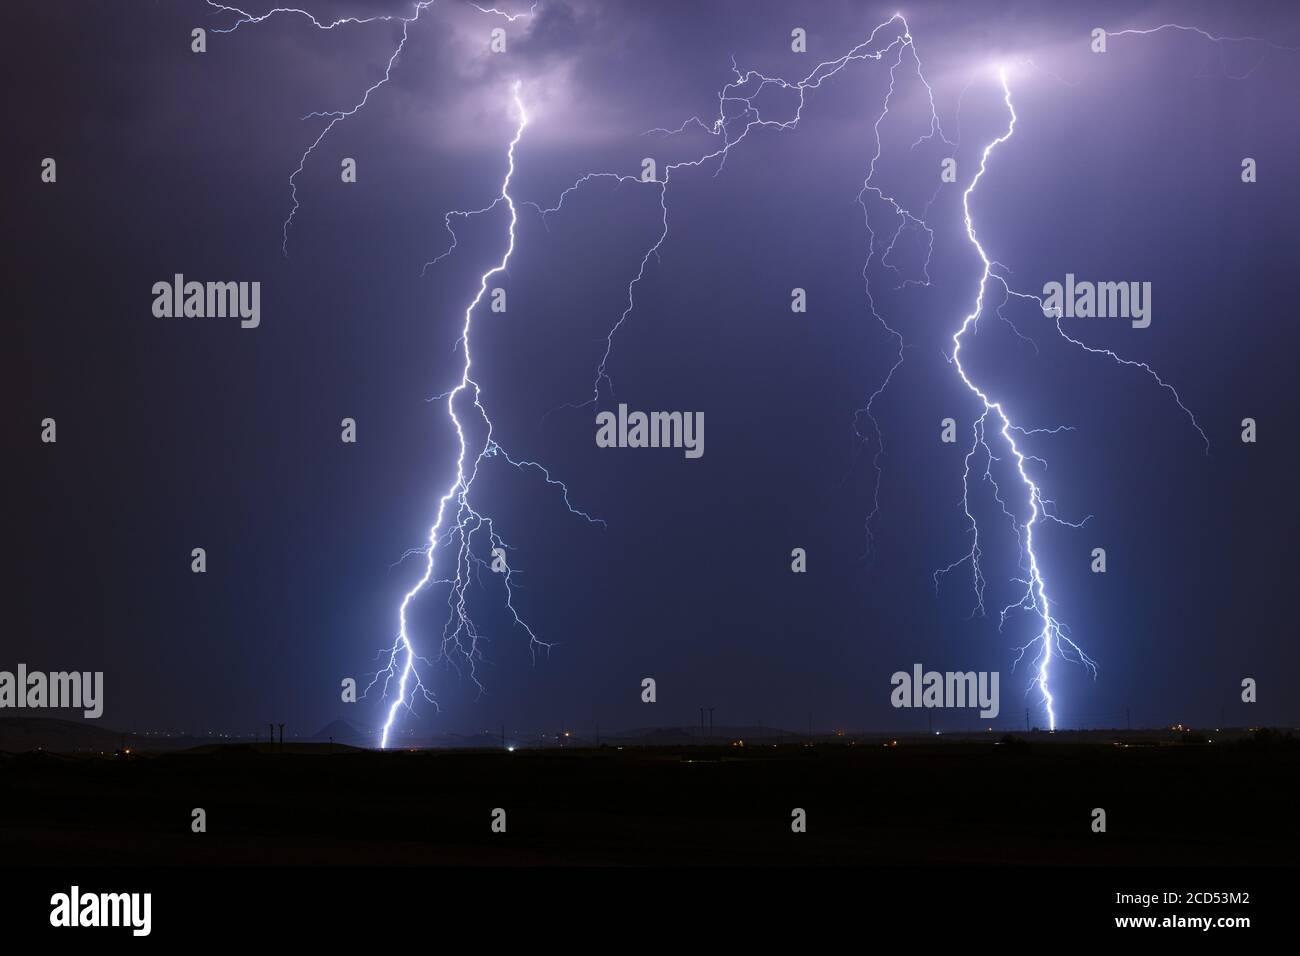 Lightning storm over Florence, Arizona. Stock Photo